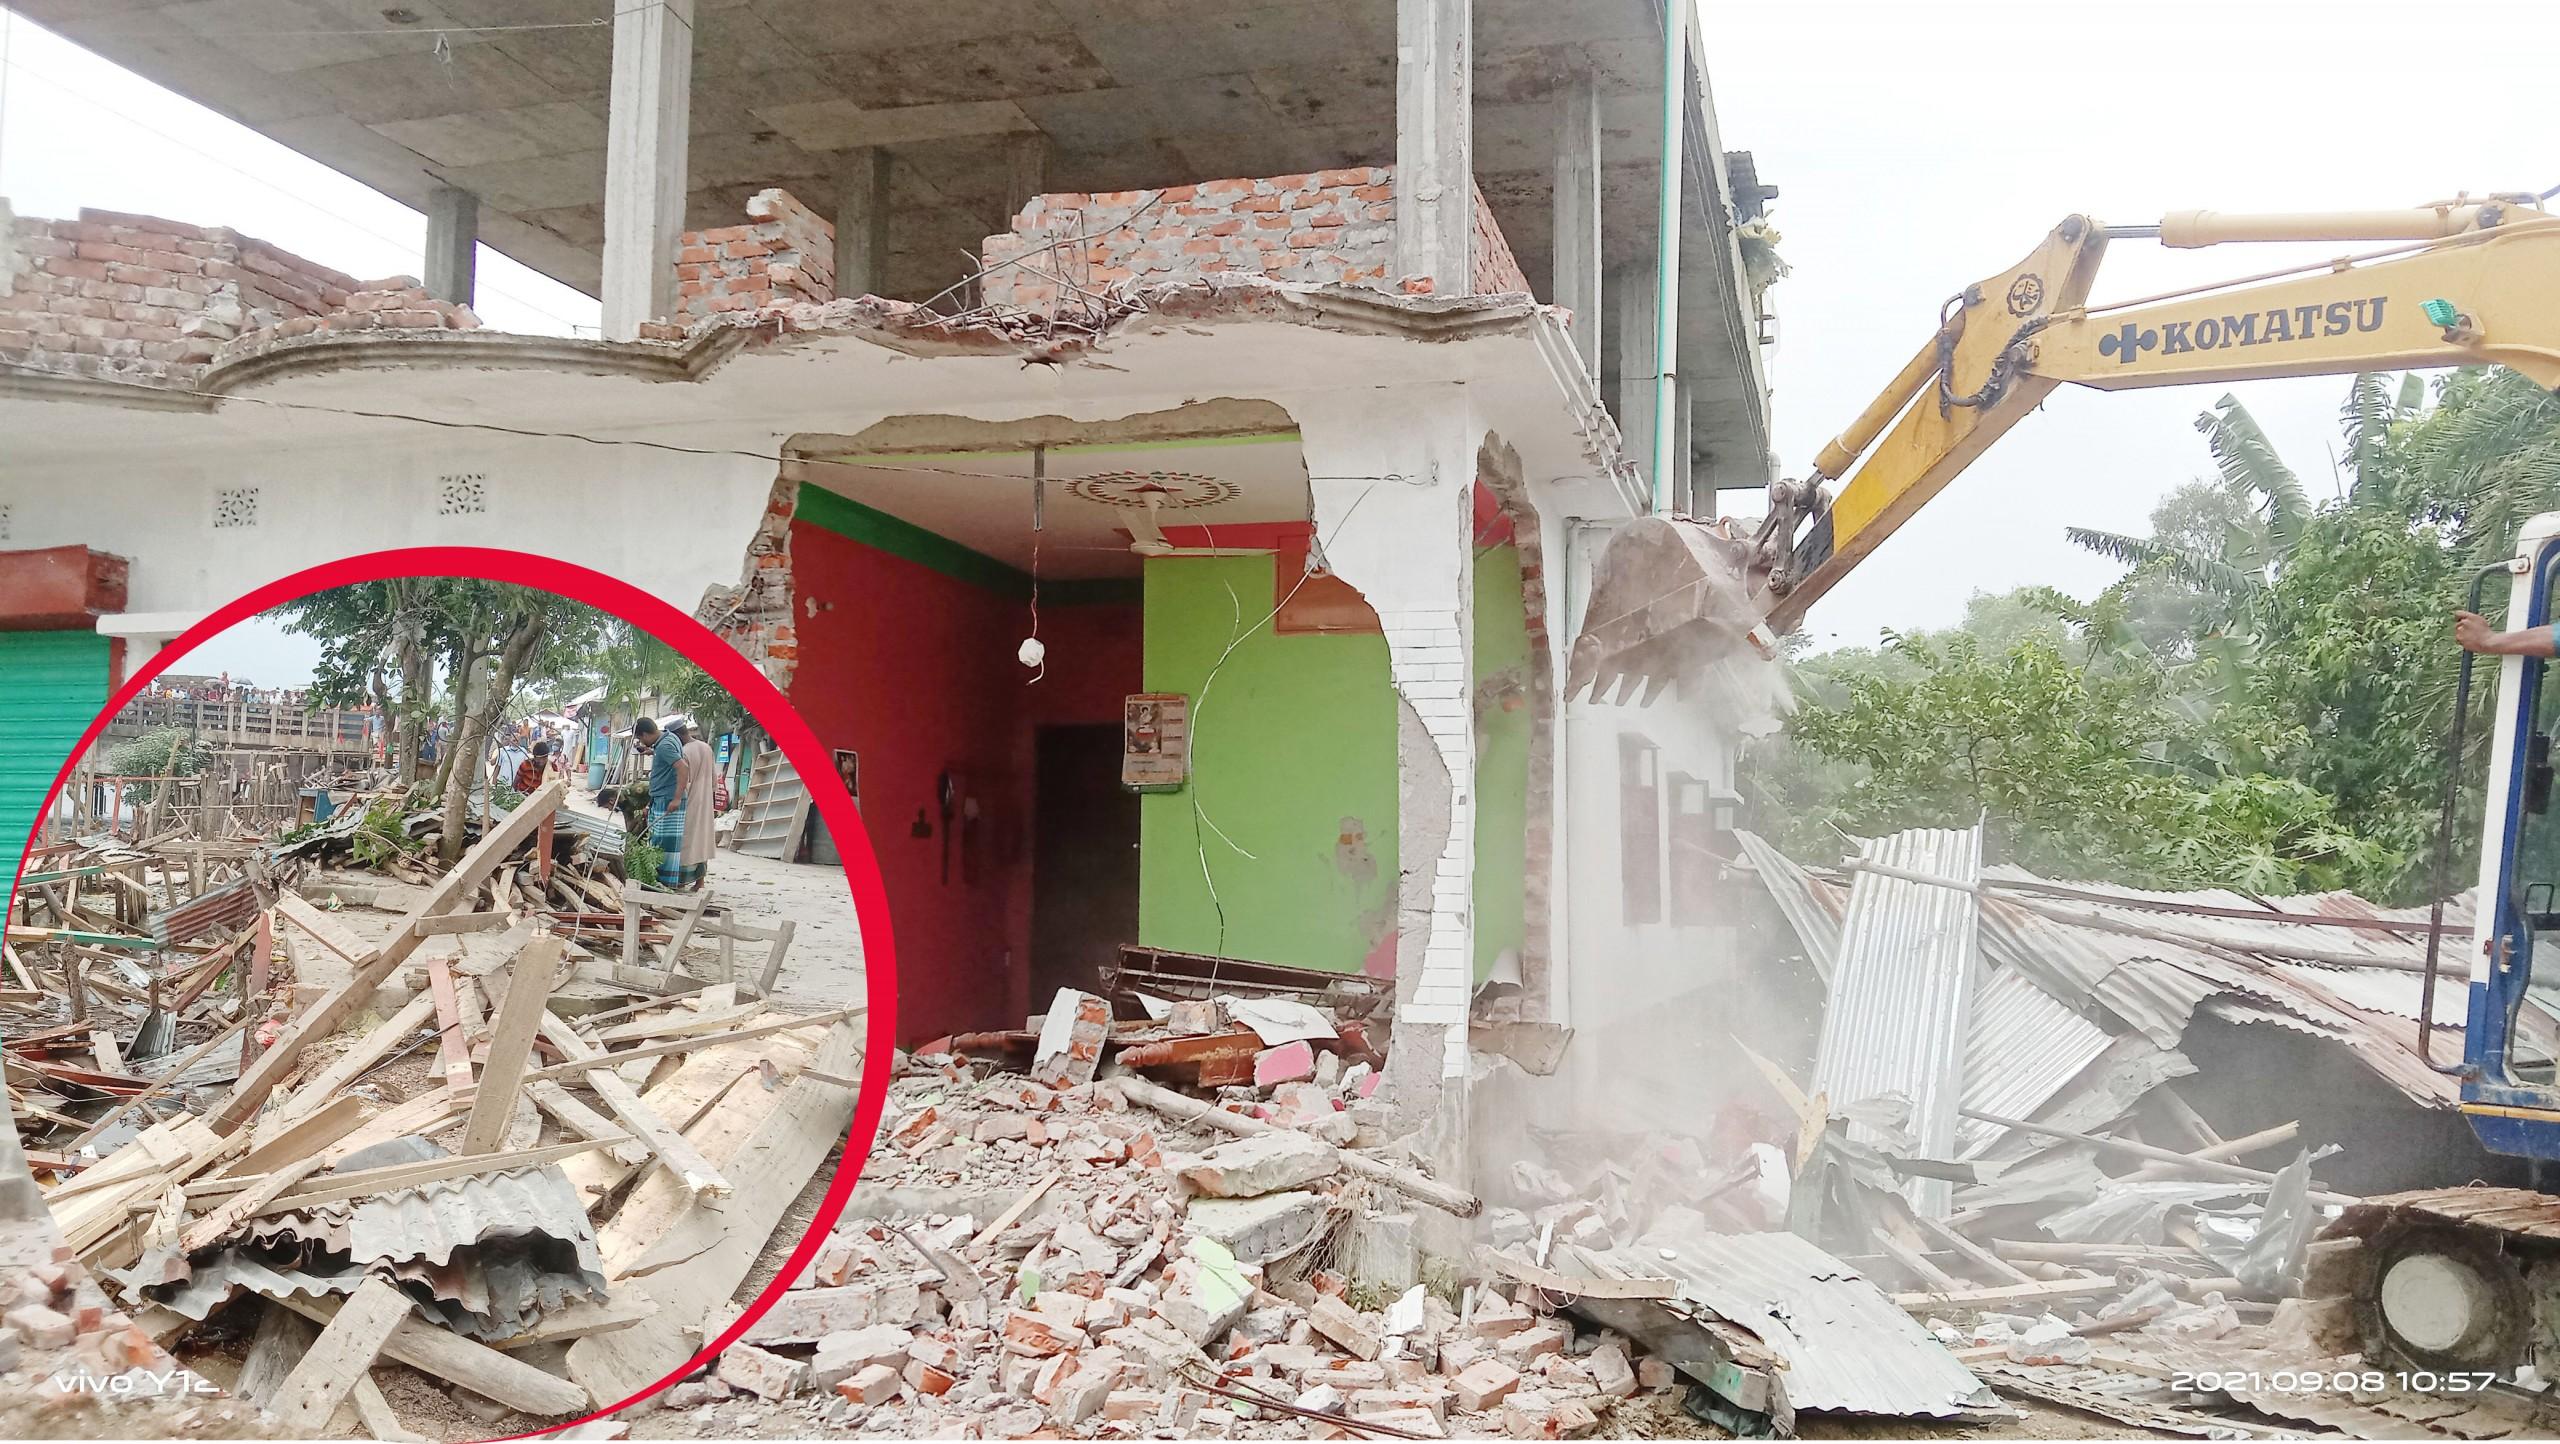 বরগুনার তালতলীতে ১২৩টি অবৈধ স্থাপনা উচ্ছেদ